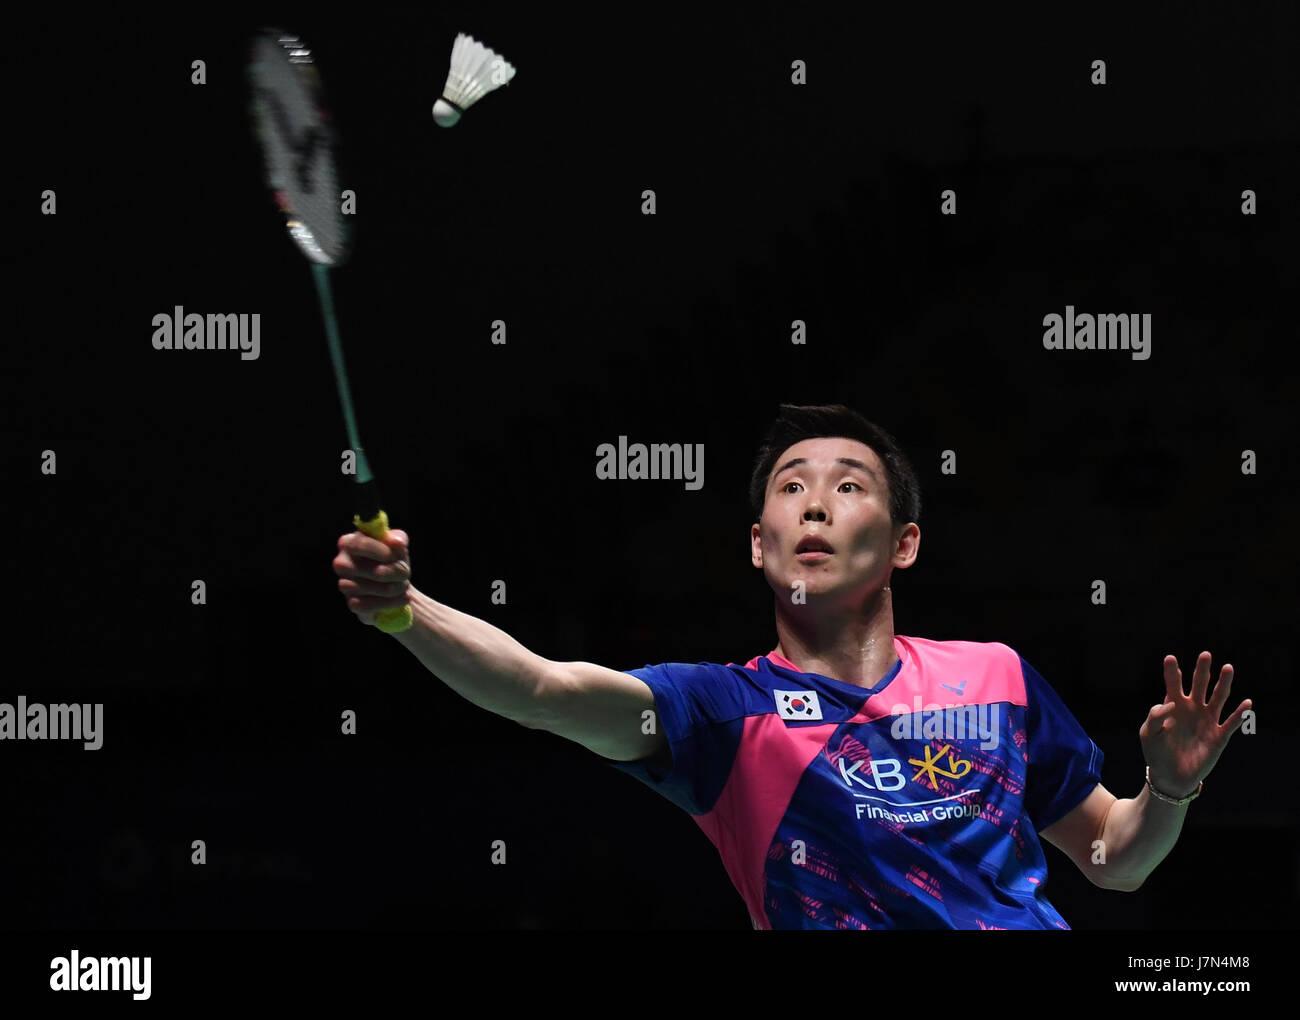 GOLD COAST May 25 2017 Xinhua Son Wan Ho of